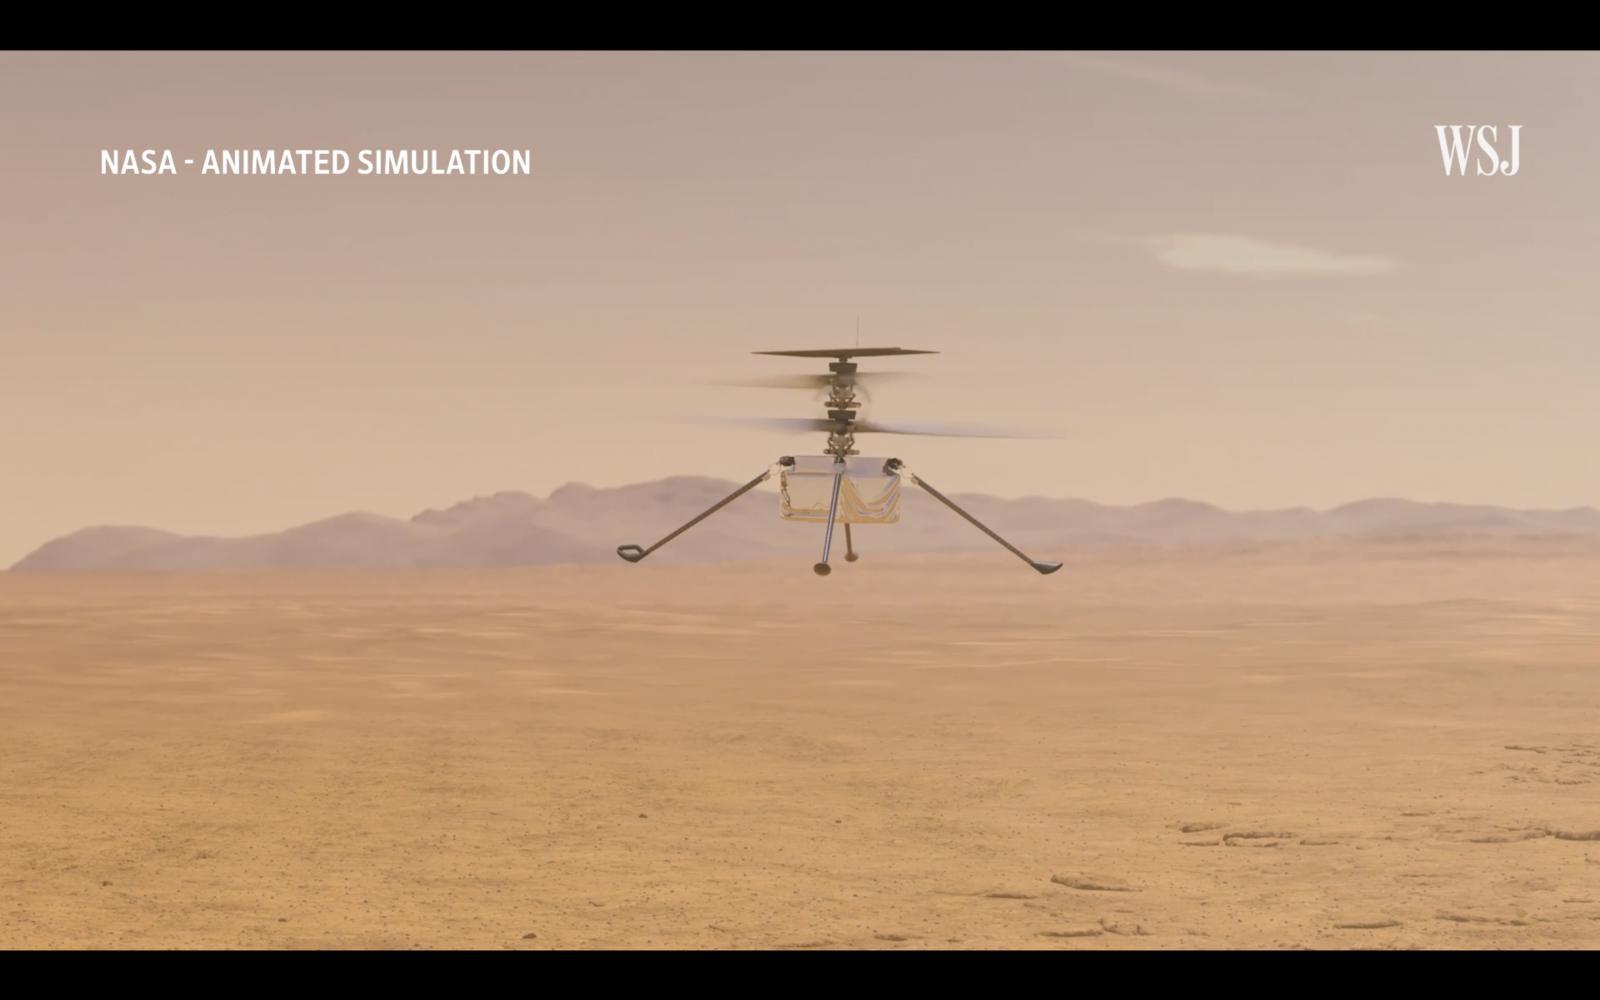 เฮลิคอปเตอร์นาซาบินบนดาวอังคารสำเร็จ